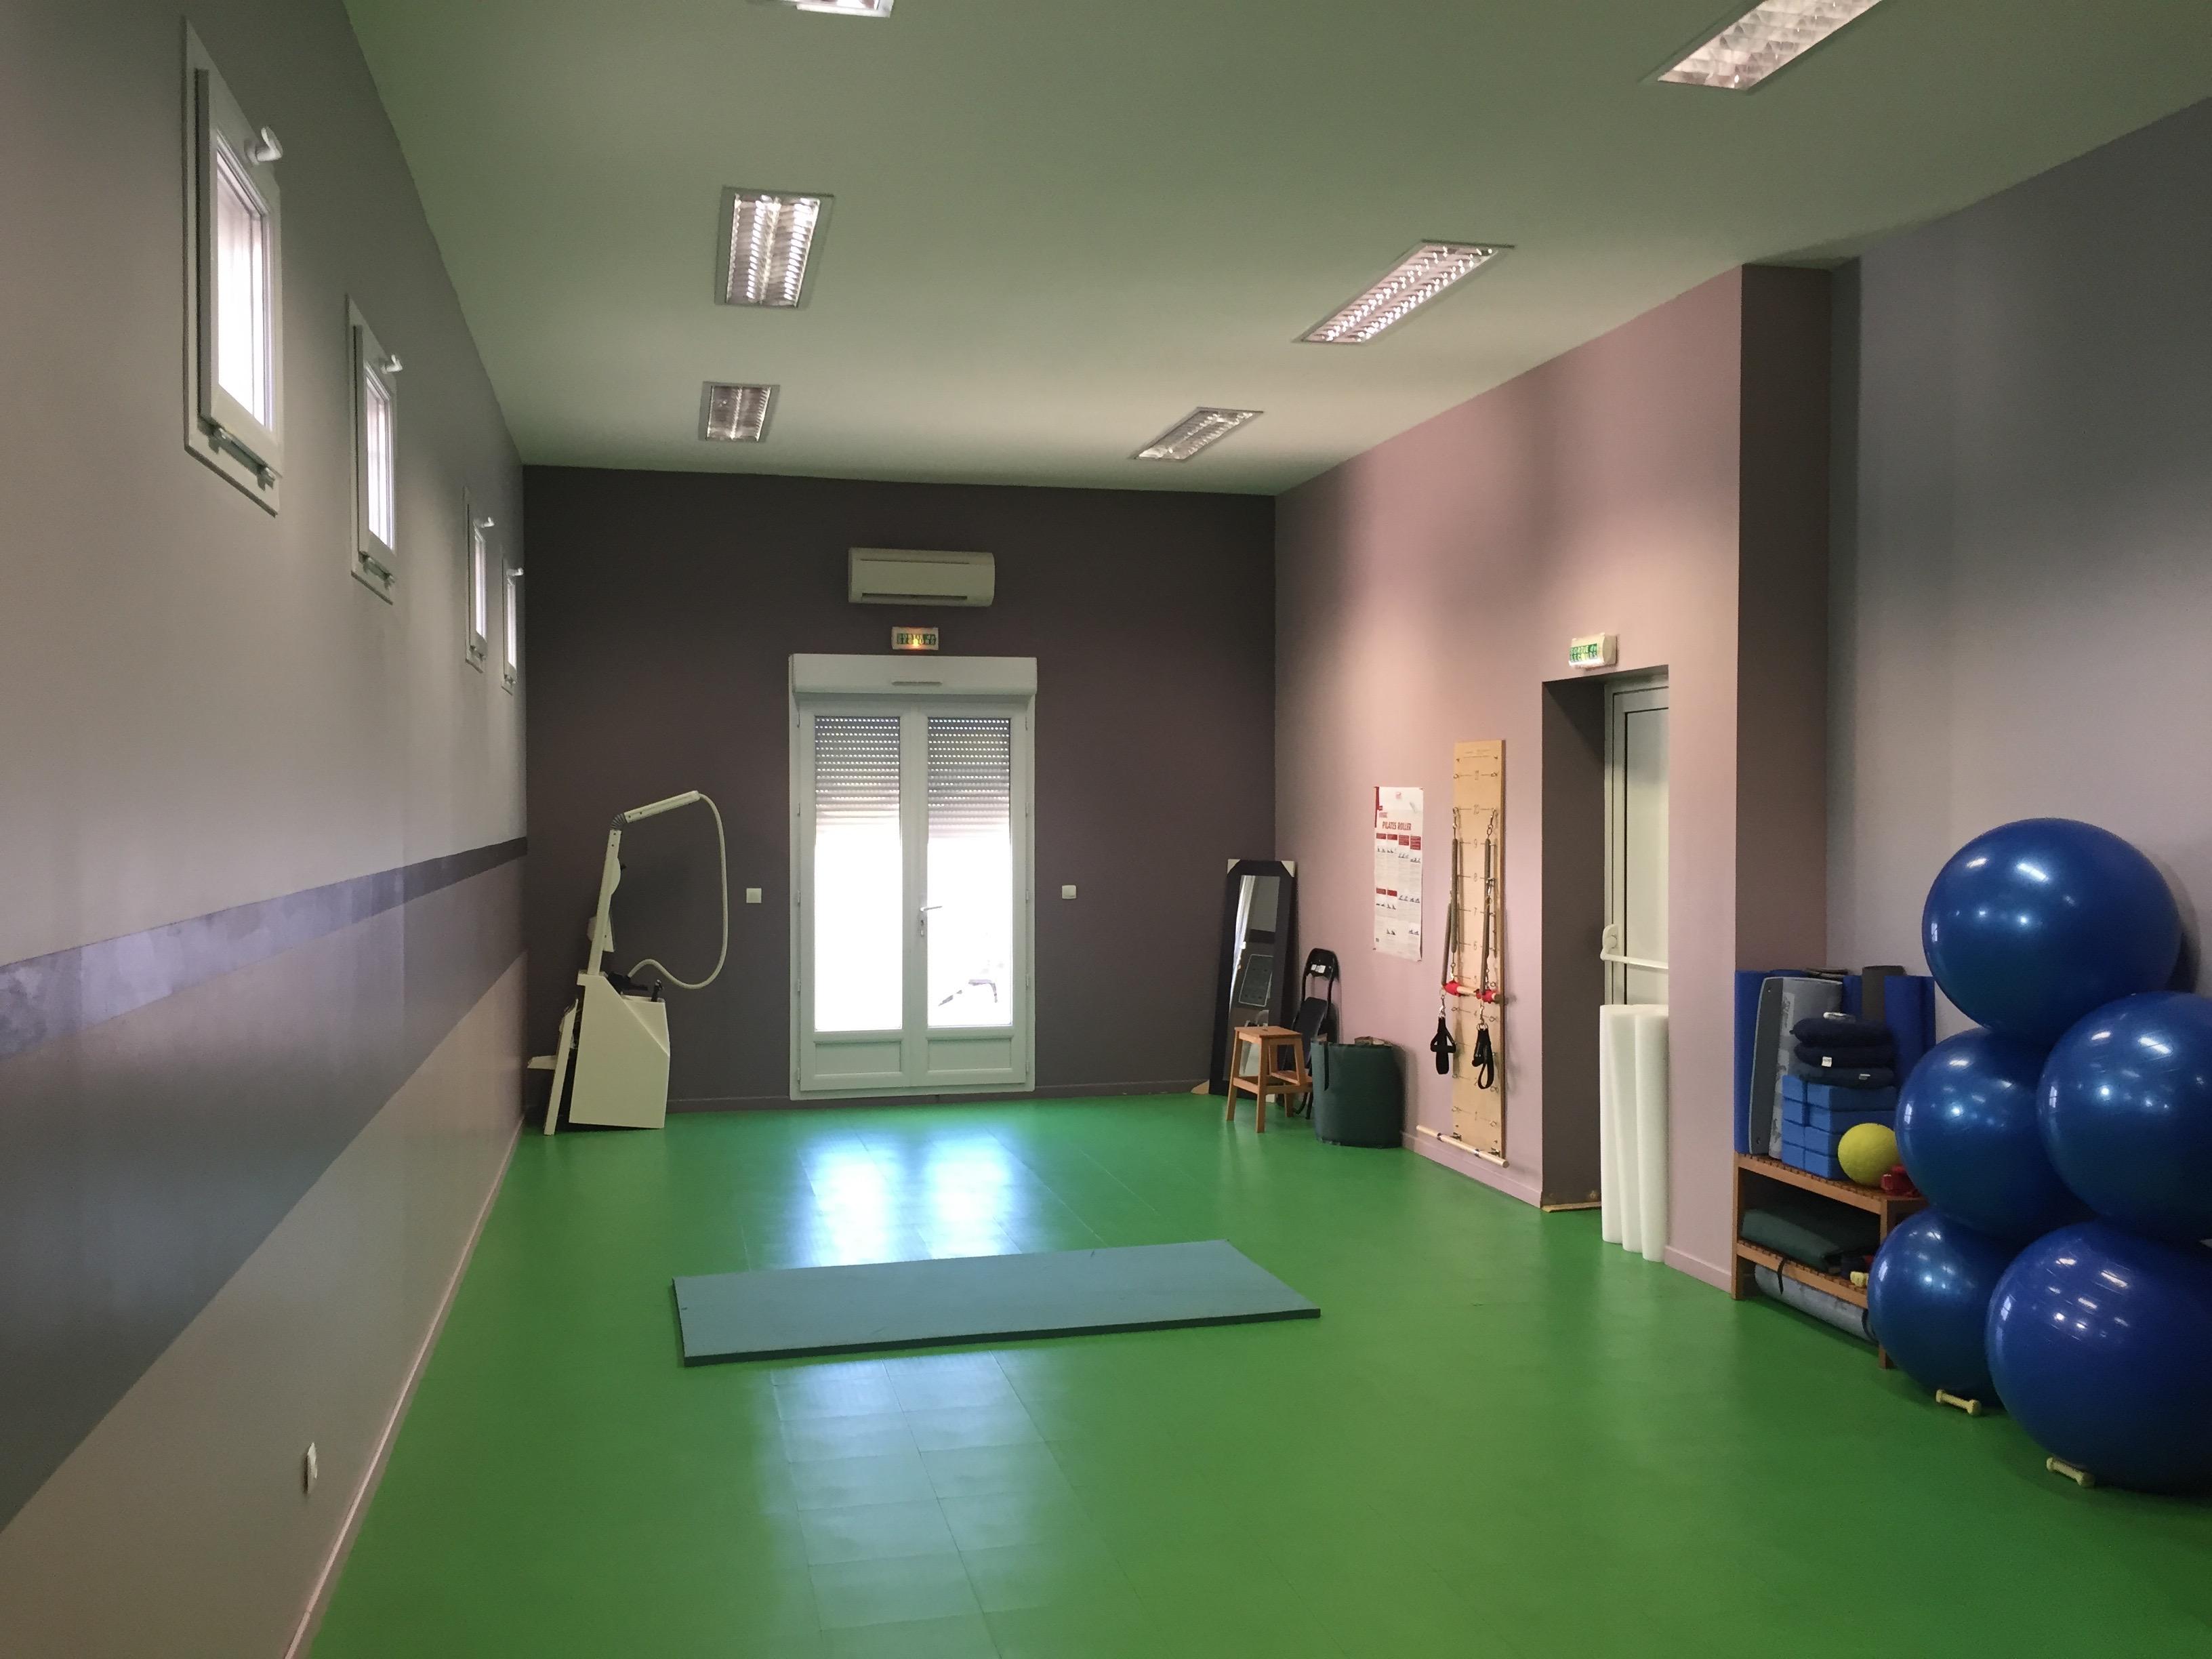 cabinet d'ostéopathie cours de pilates-Arles-cabinet-pierre jean rivaud-osteopathie